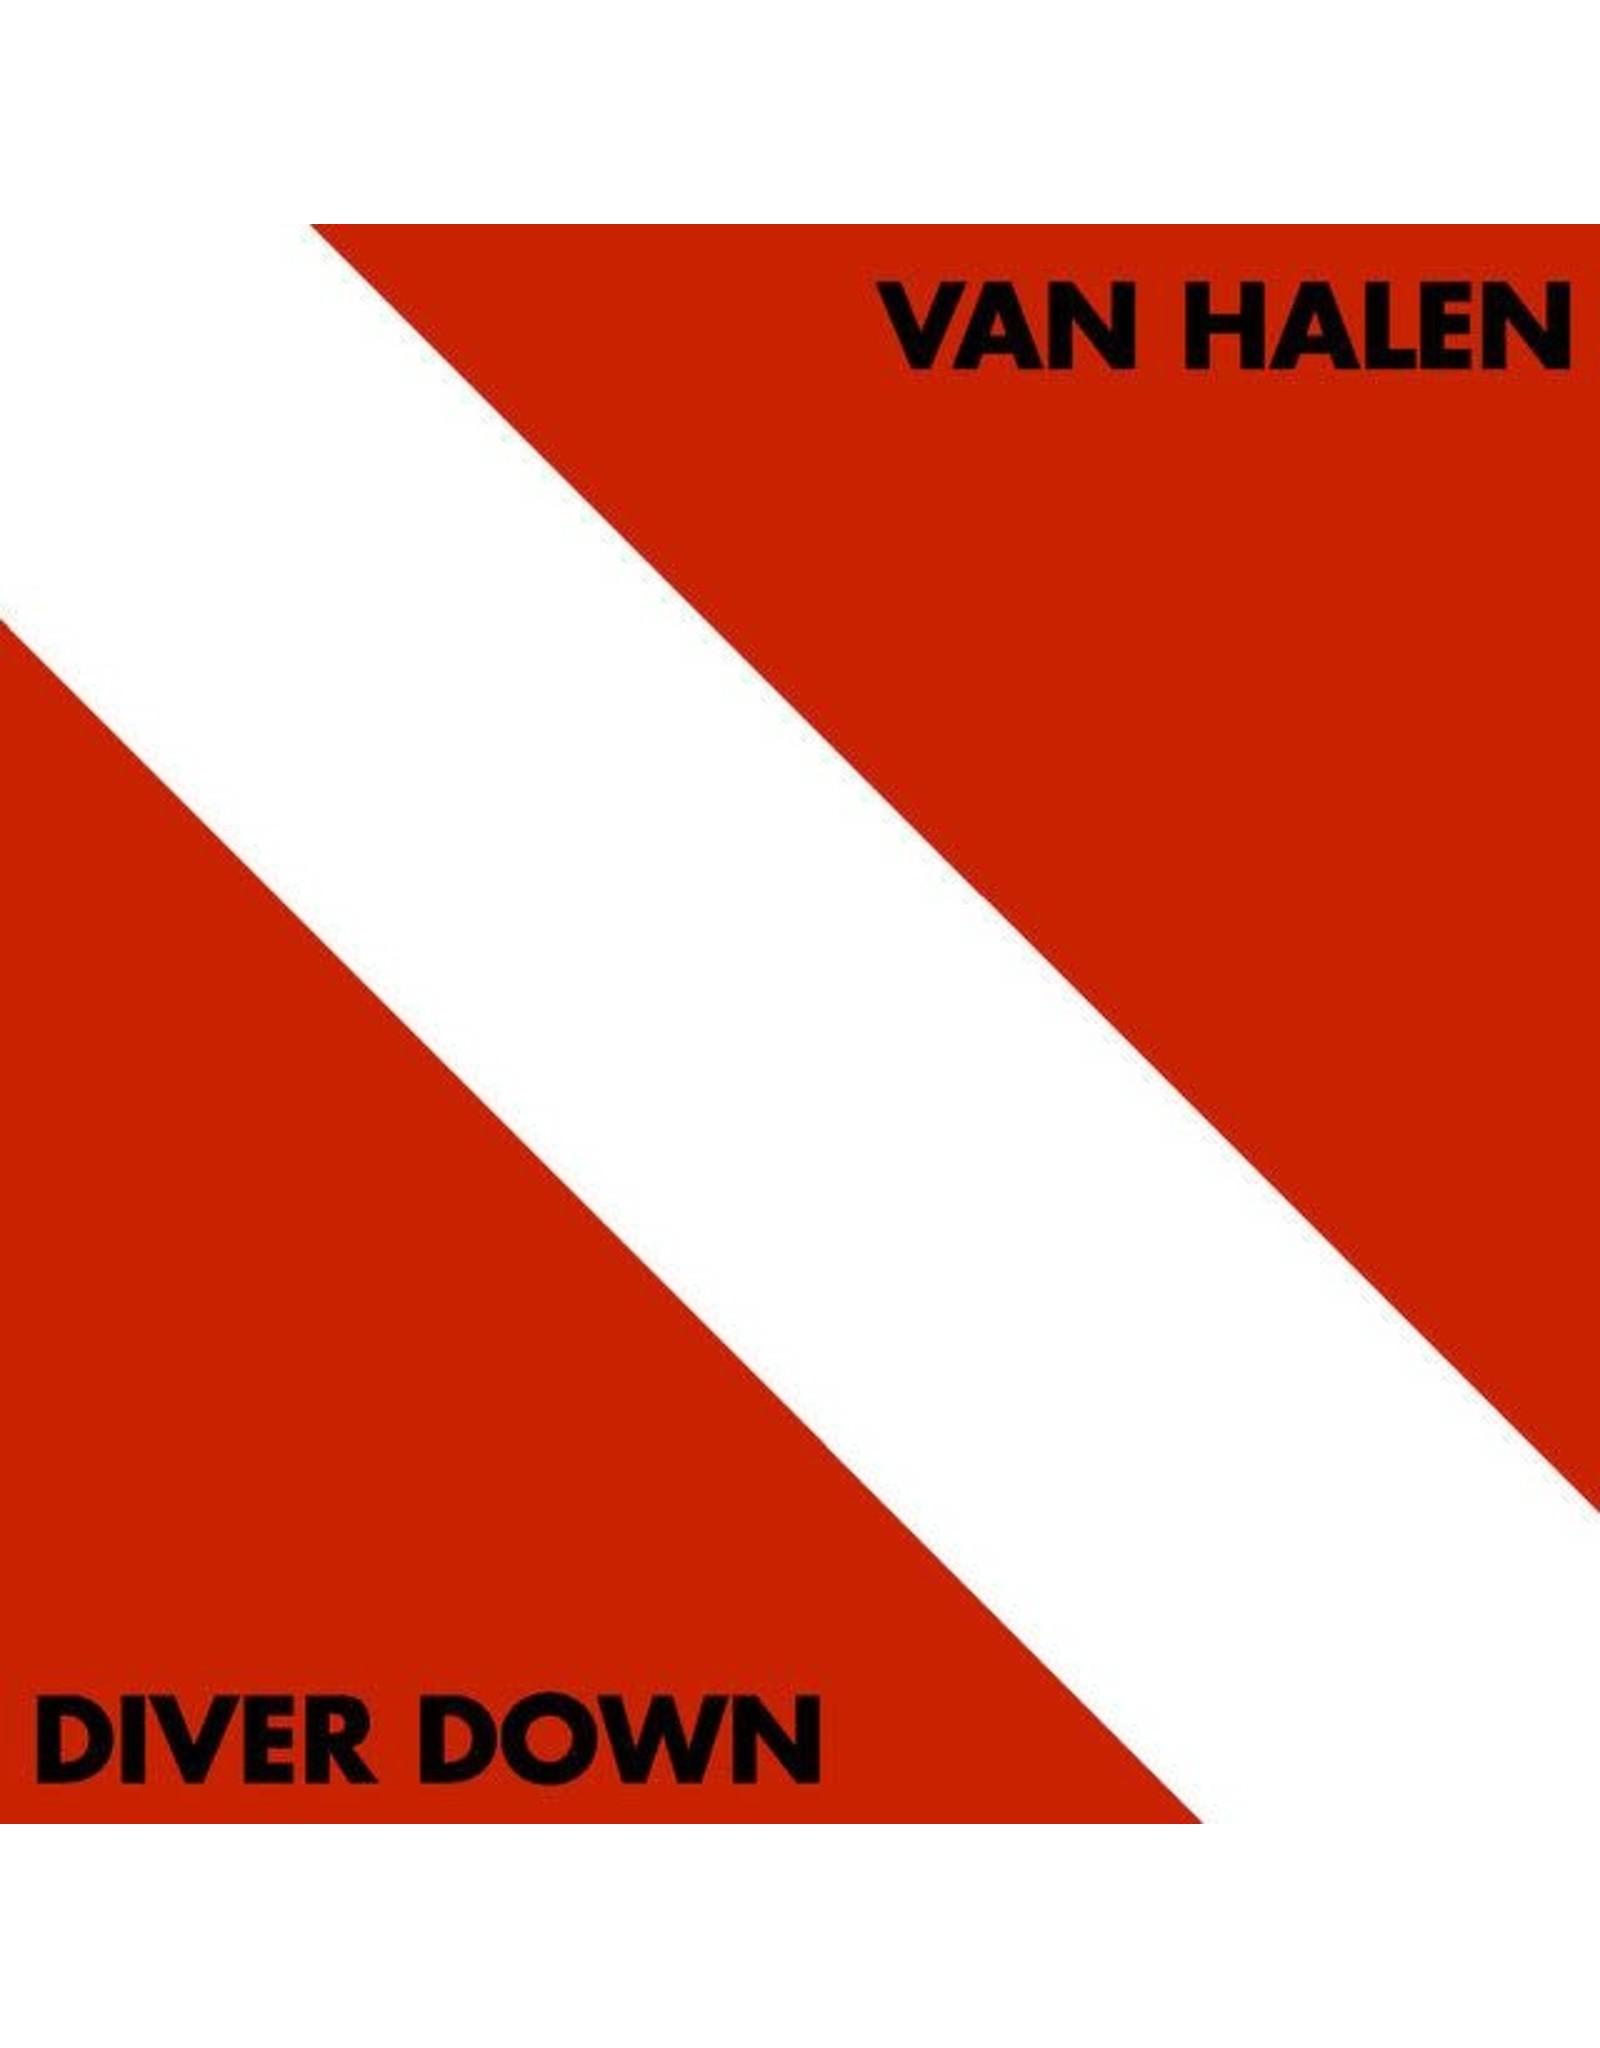 Vinyl Van Halen - Diver Down